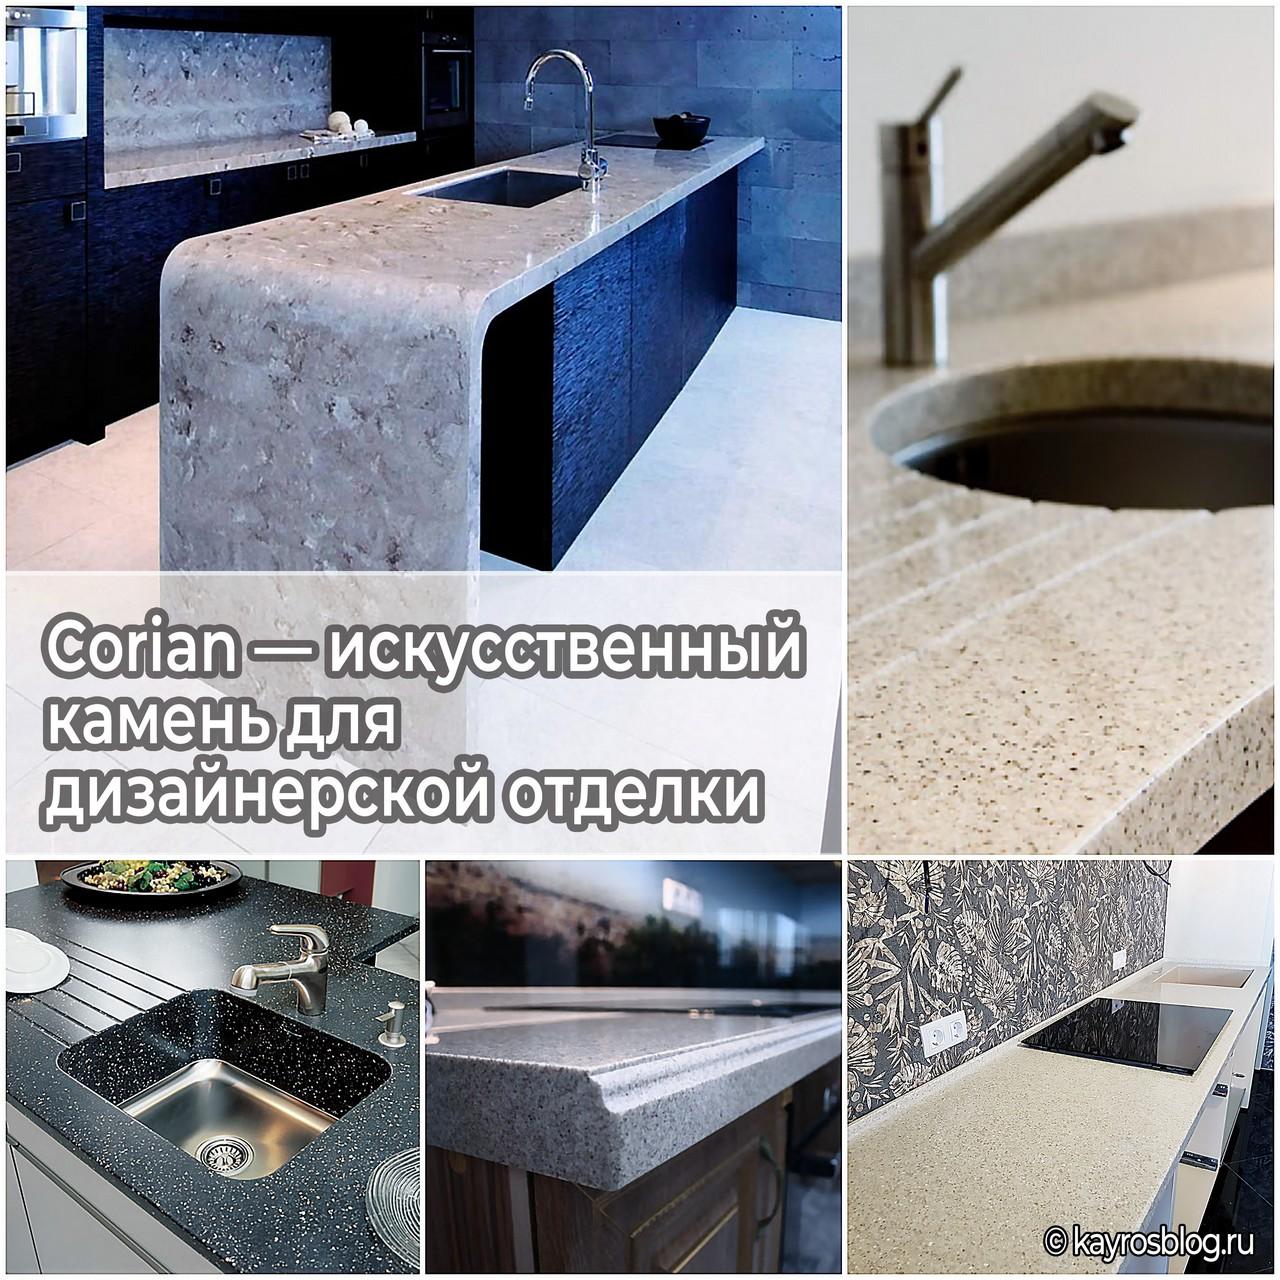 Corian — искусственный камень для дизайнерской отделки